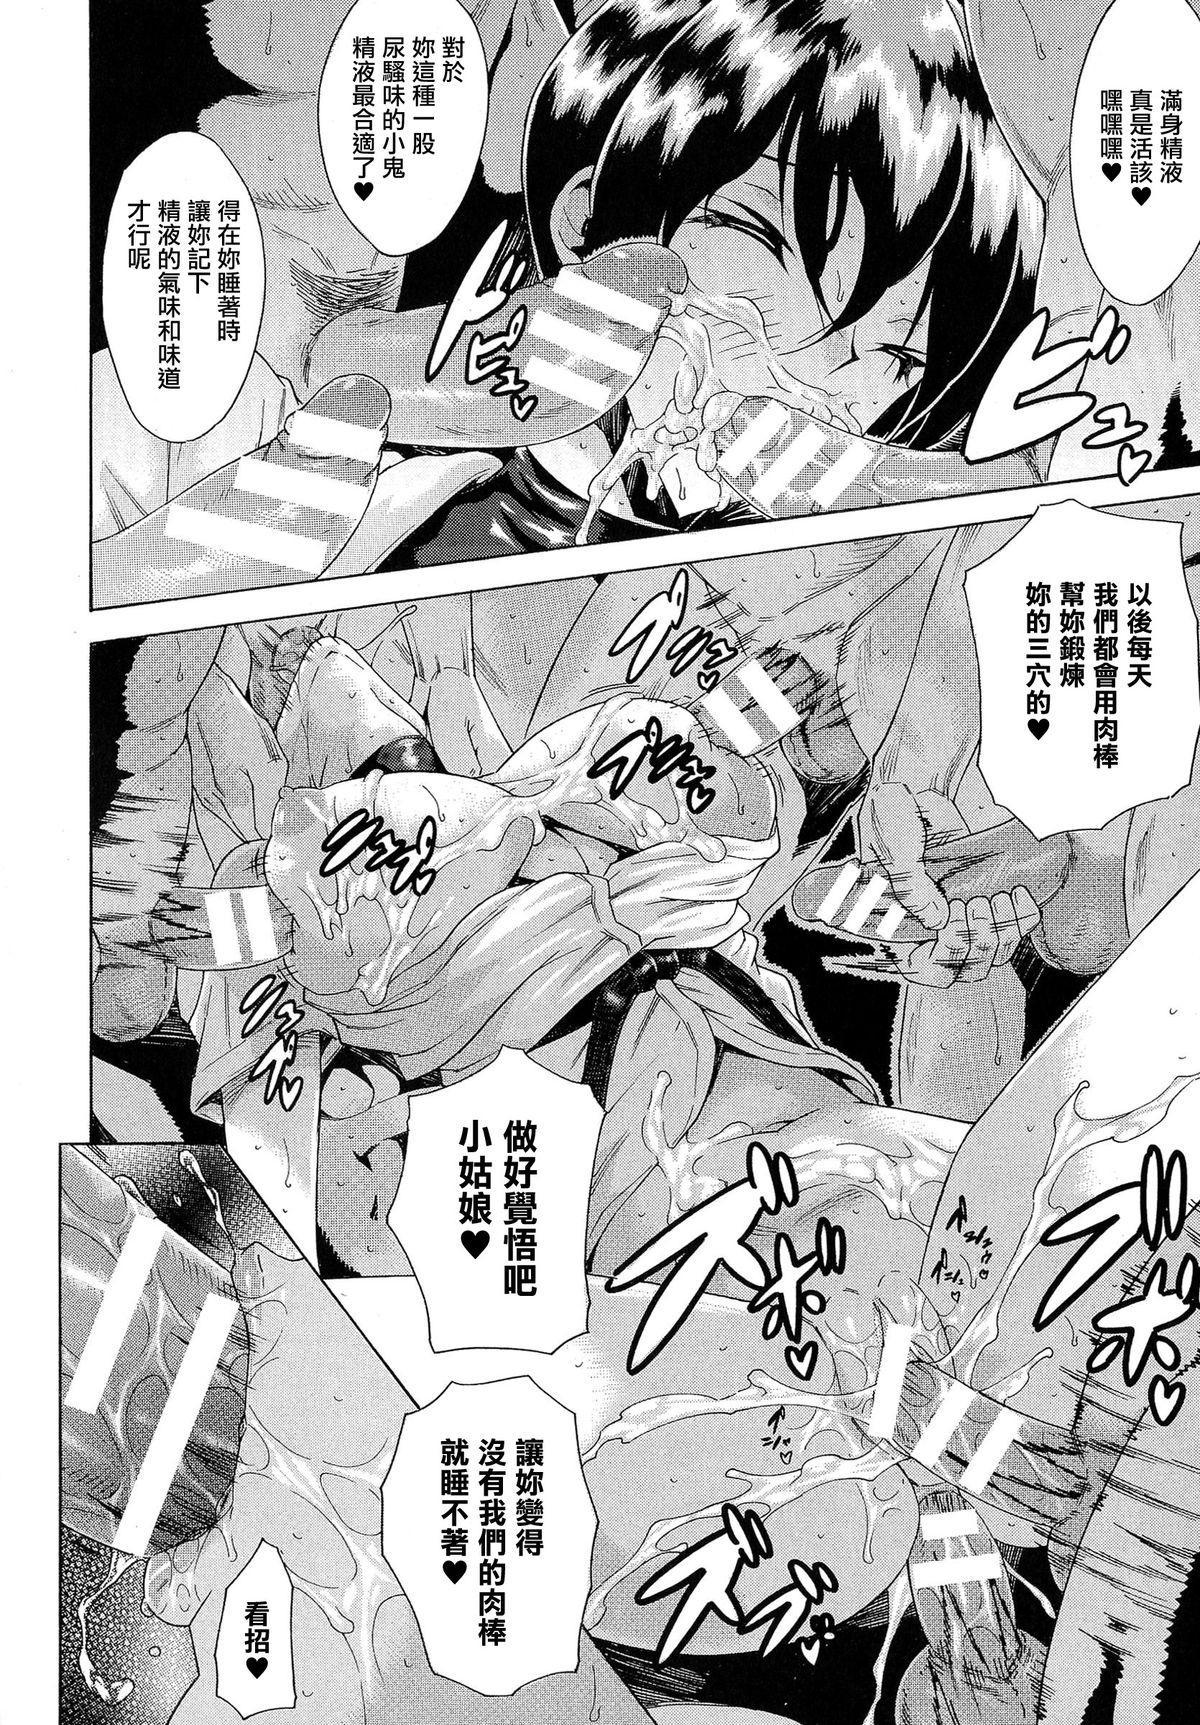 Kachiki na Onna ga Buzama na Ahegao o Sarasu Made 158